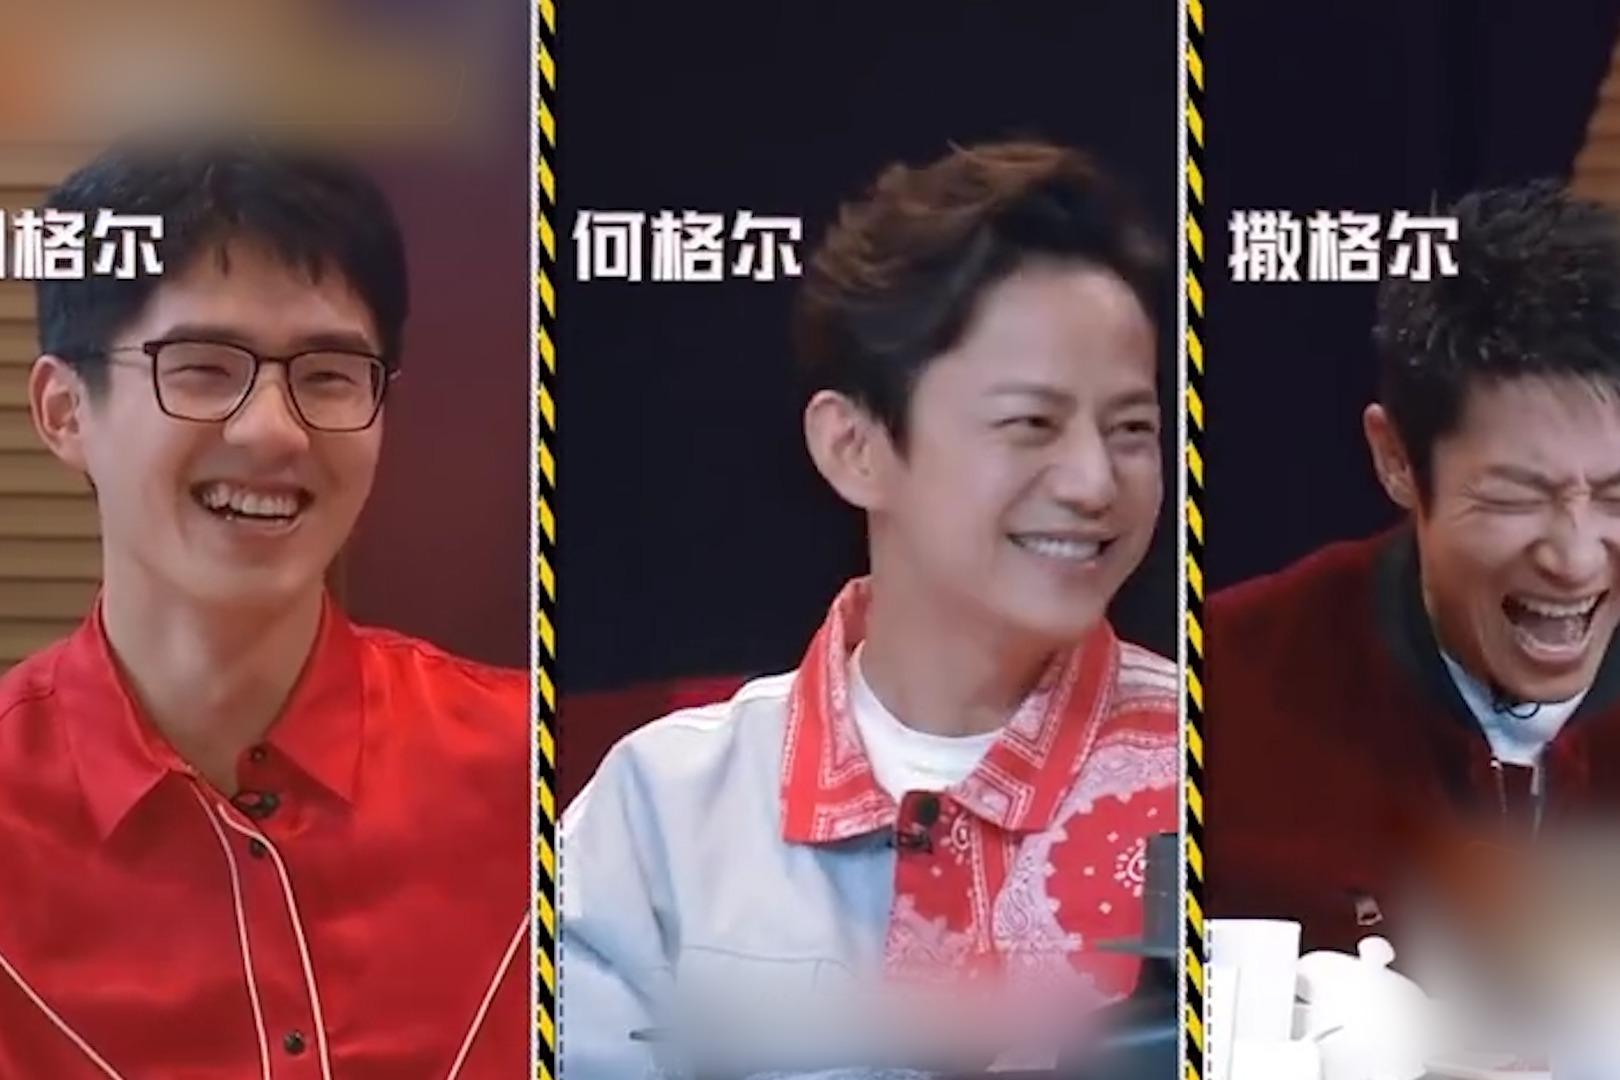 太搞笑!刘昊然撒贝宁在线模仿腾格尔,表情狰狞像是在用脸唱歌